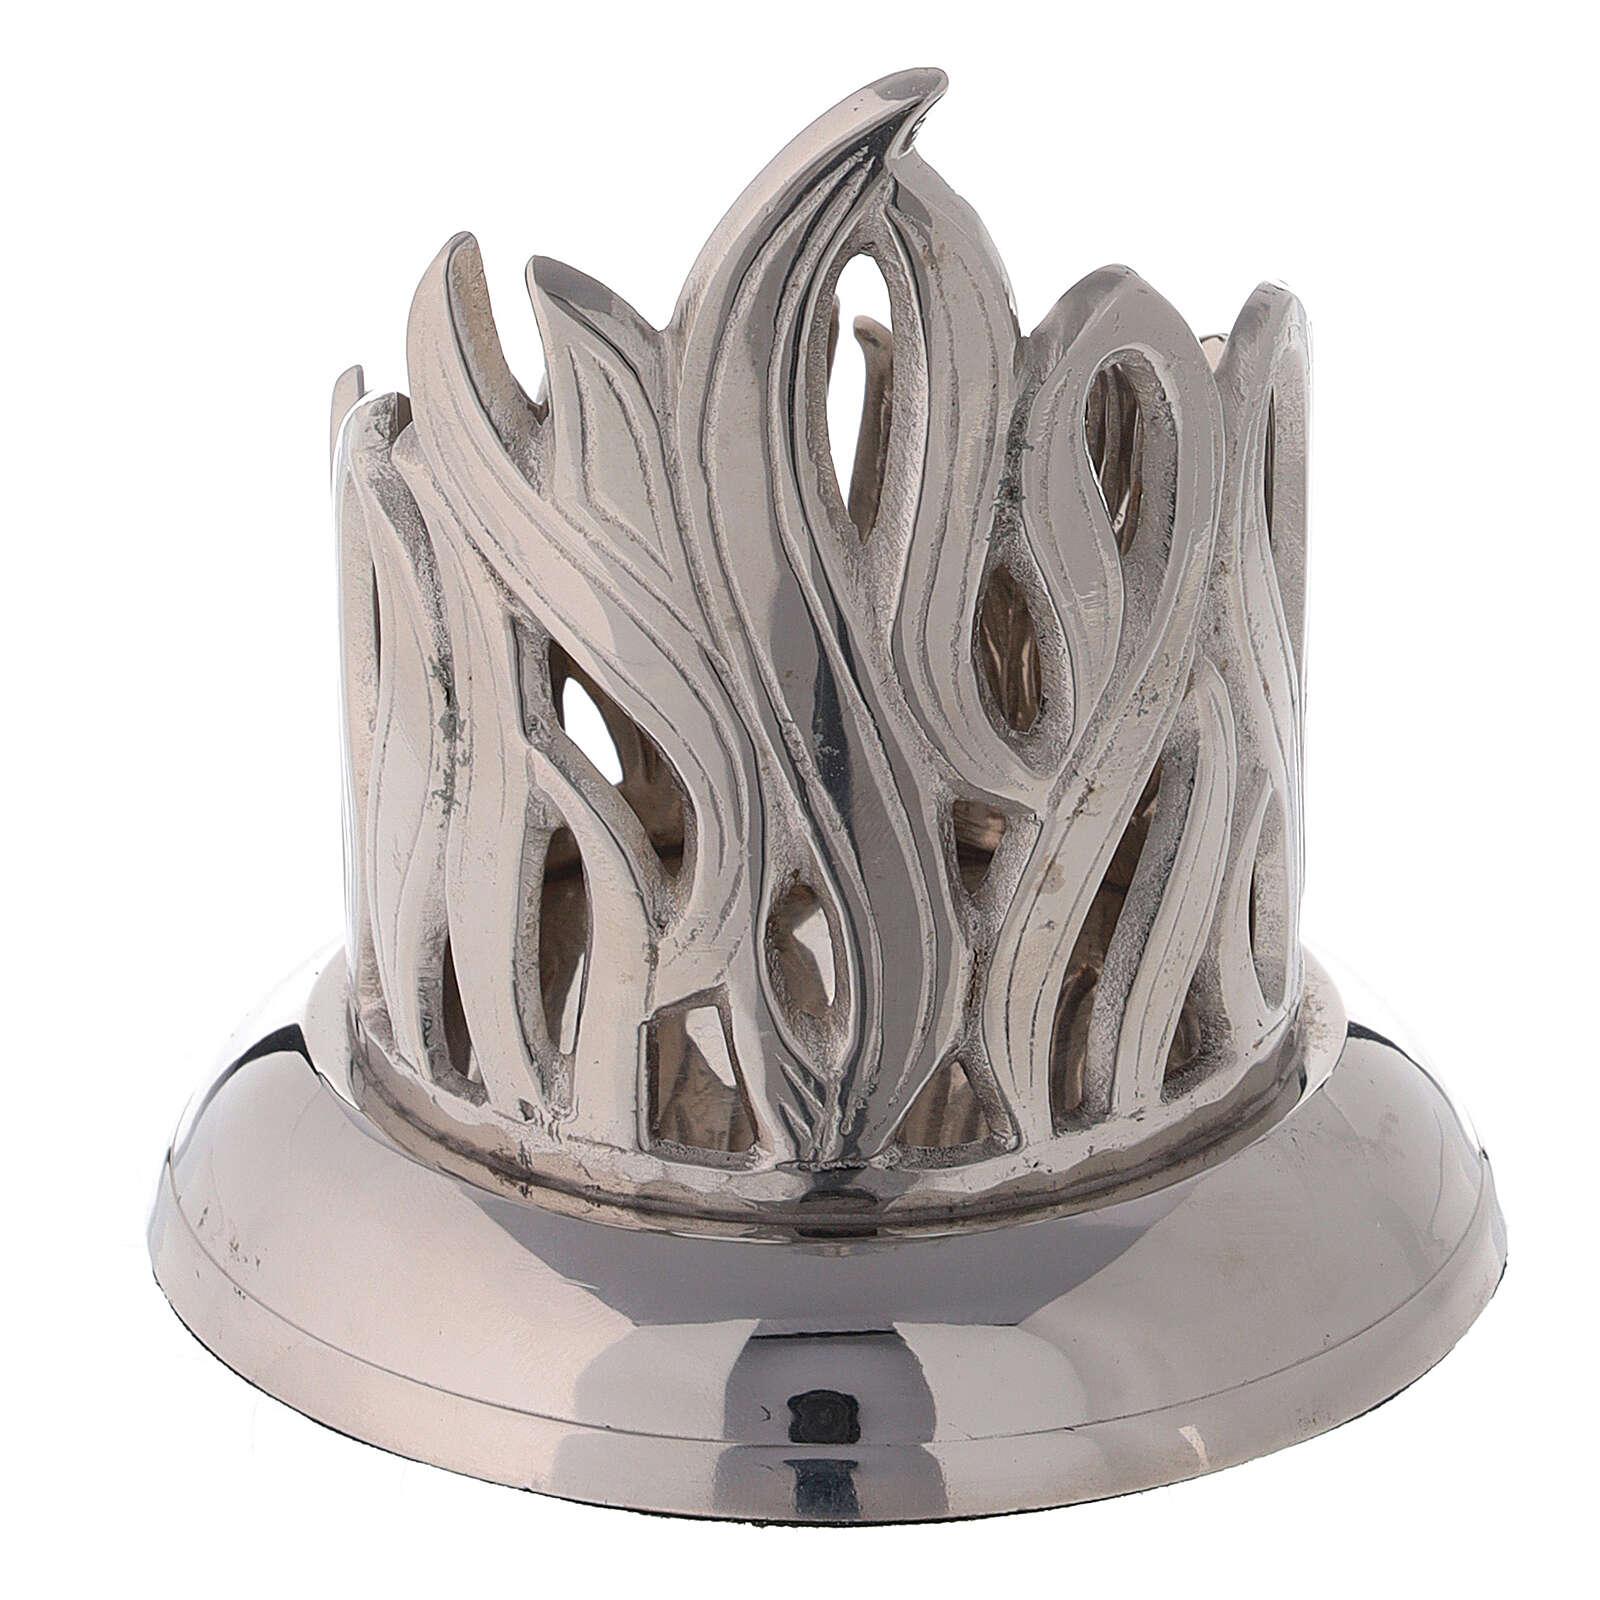 Portavela llamas latón niquelado diámetro 6 cm 4